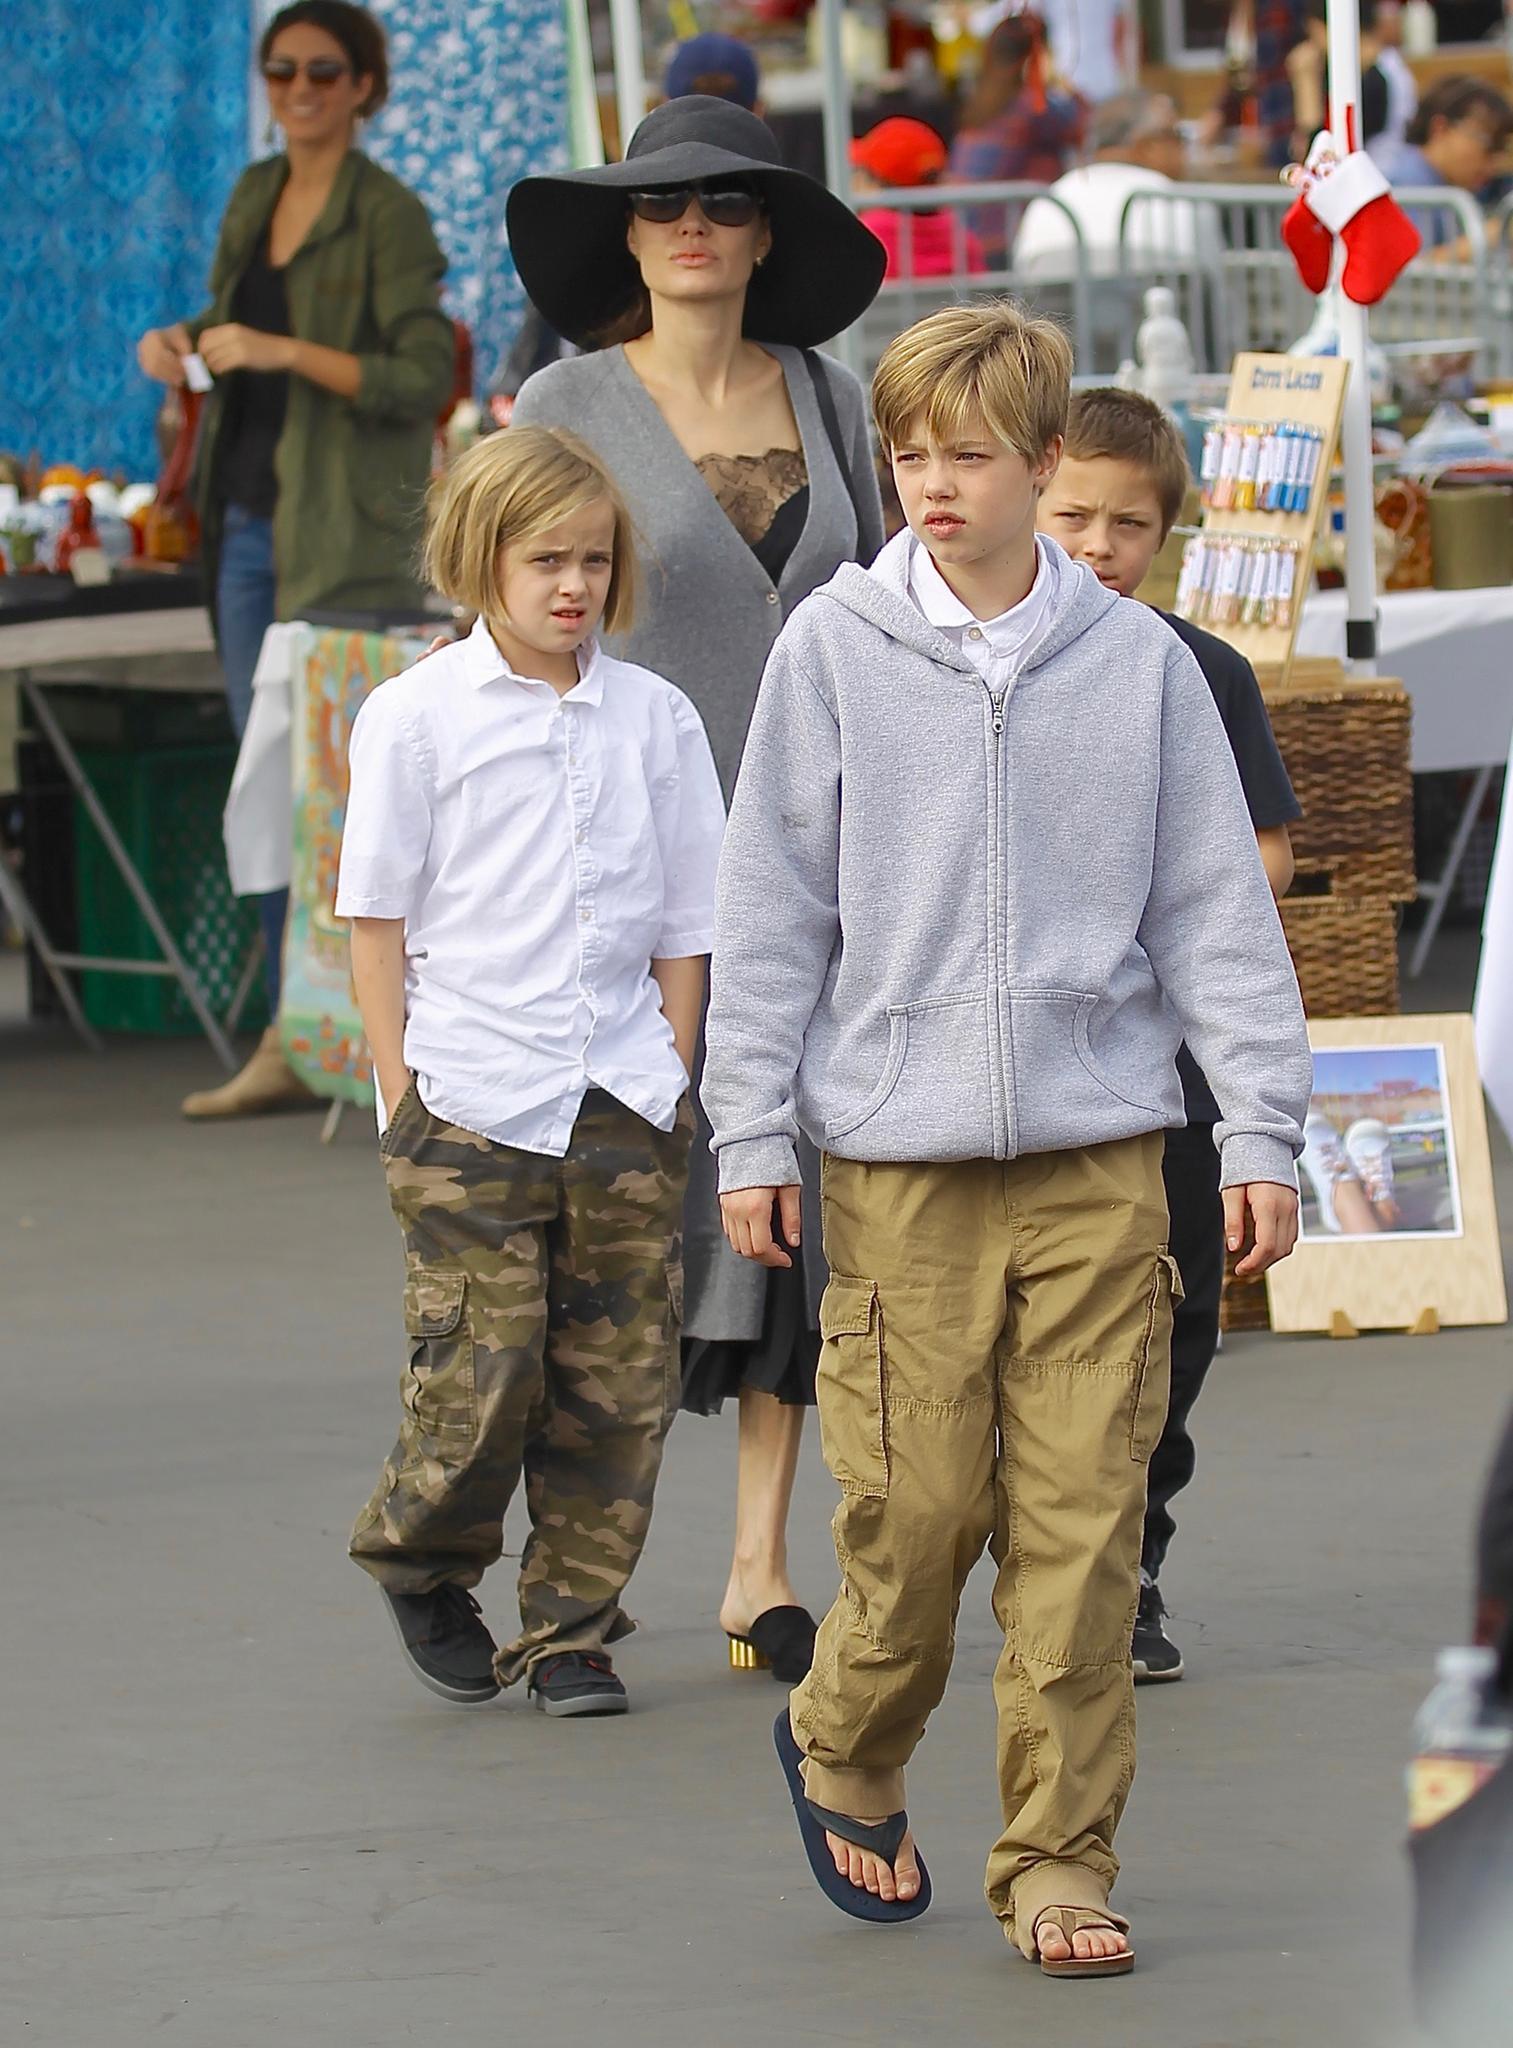 Im Alter von neun Jahren mag Vivienne Jolie-Pitt Ende 2017 lieber leger: Tomboy-Look statt Girlie-Fashion. Da haben auch die langen Haare ein Nachsehen und weichen einem Short-Bob. Ihrer Schwester Shiloh (vorne) sieht sie jetzt noch ähnlicher.